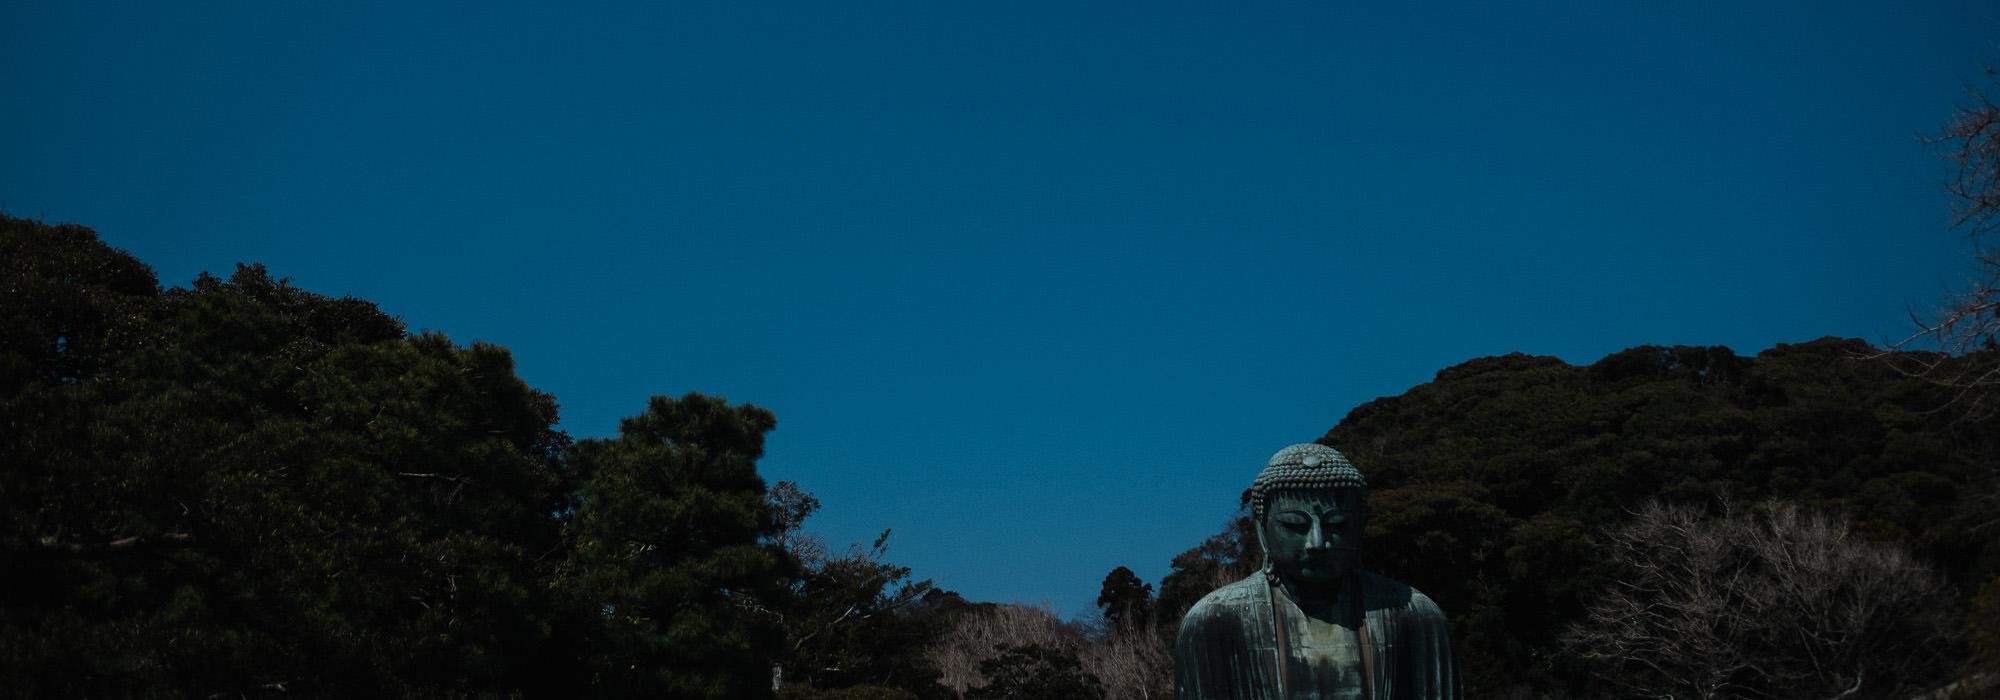 Großer Buddha in Kamakura bei 25 Grad und blauem Himmel